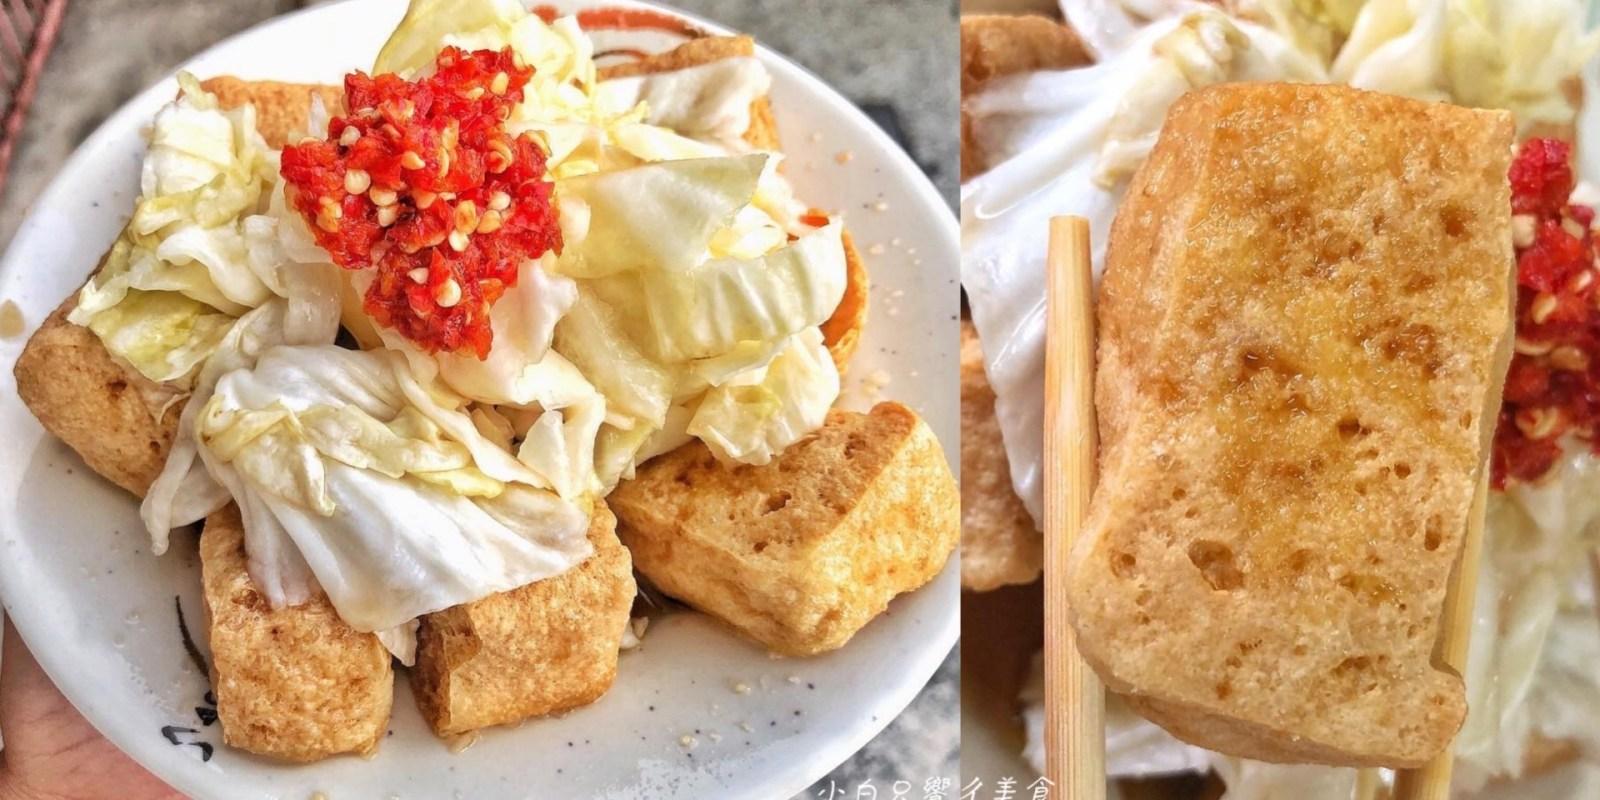 【台南美食】 十塩彌坊臭豆腐 據說是在地人才知道的臭豆腐!一天只賣五小時就收攤